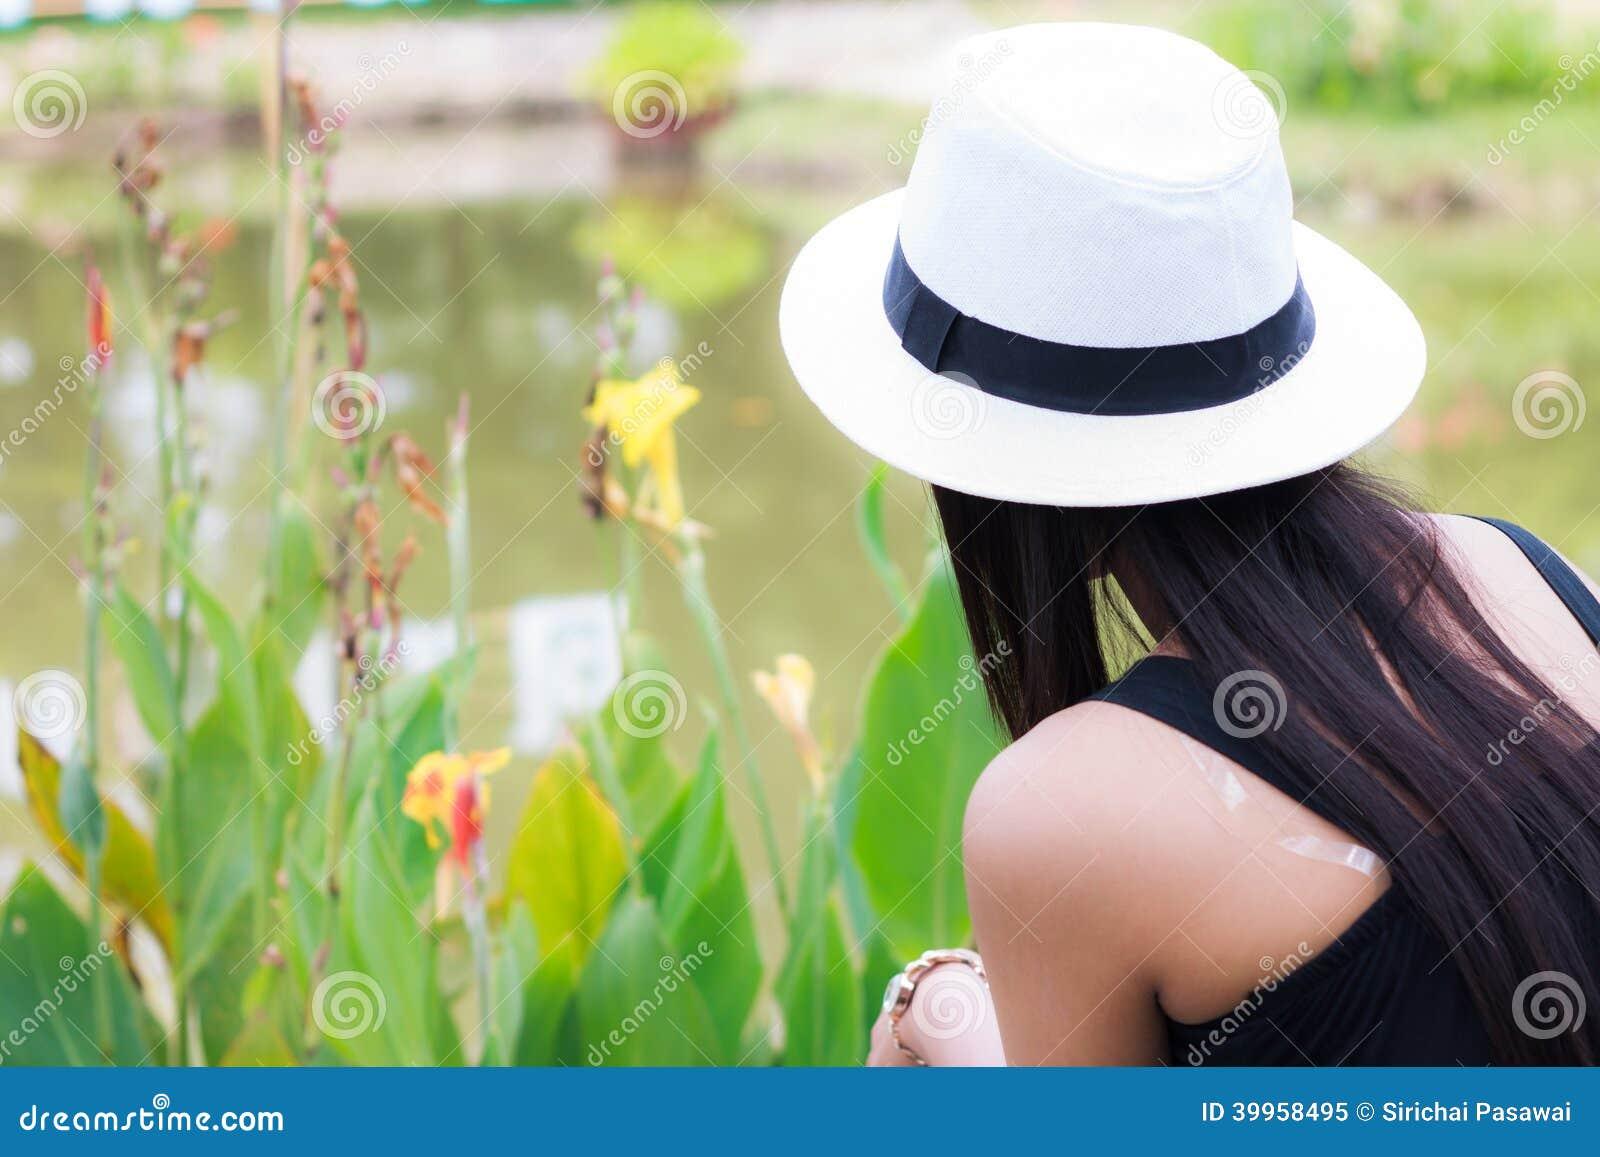 Woman thailand